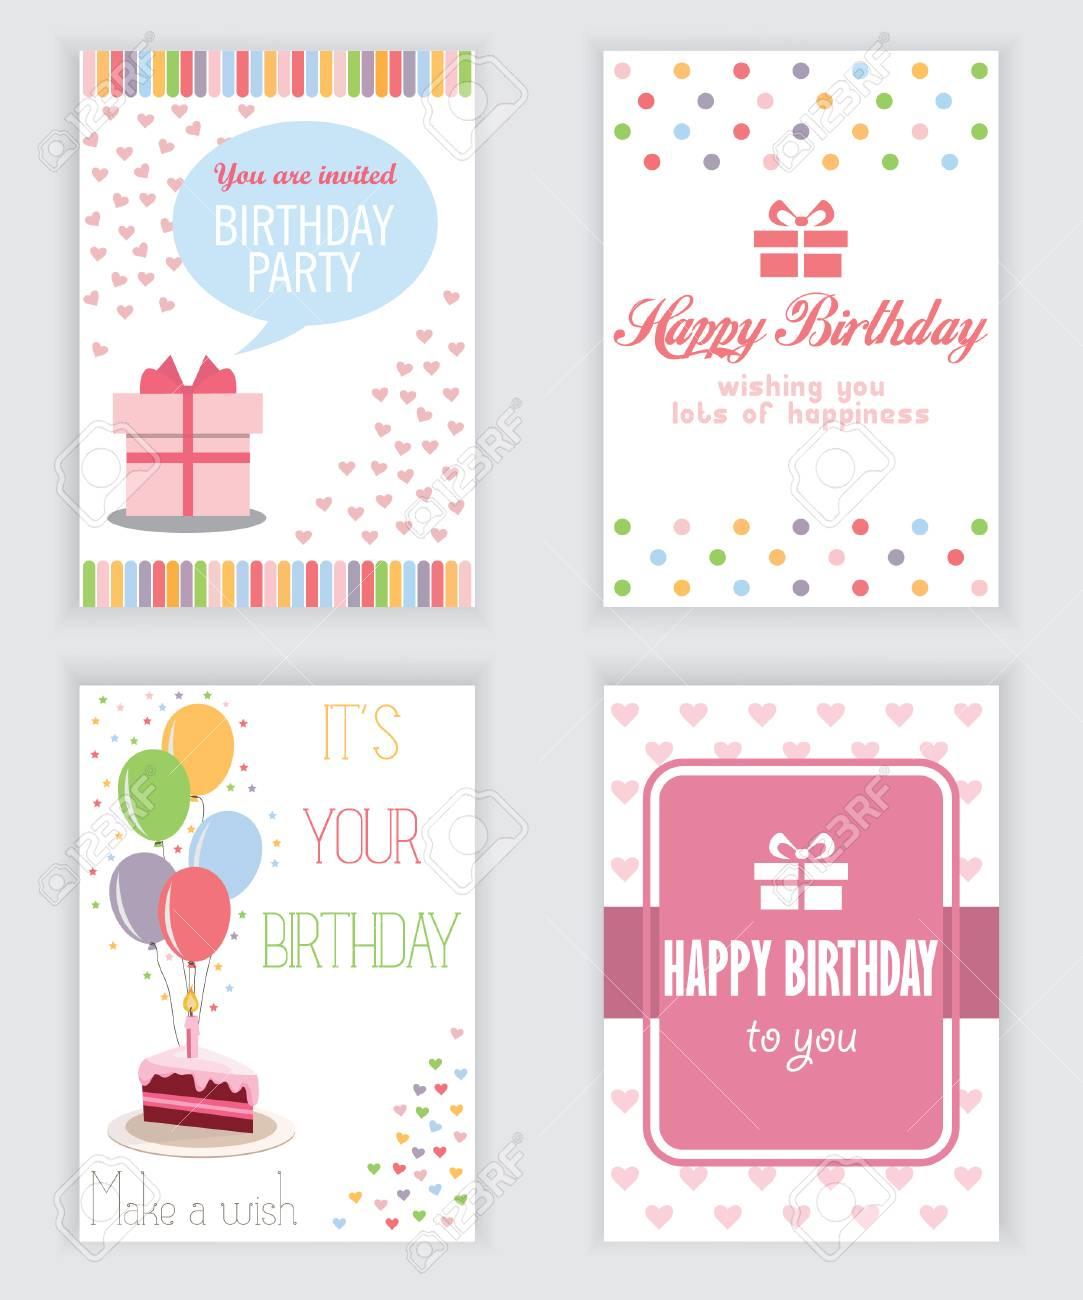 Feliz Cumpleaños Fiesta Saludo Y Una Tarjeta De Invitación Hay Tipografía Cajas De Regalo Confeti Torta Y El Oso De Peluche Plantilla De Diseño